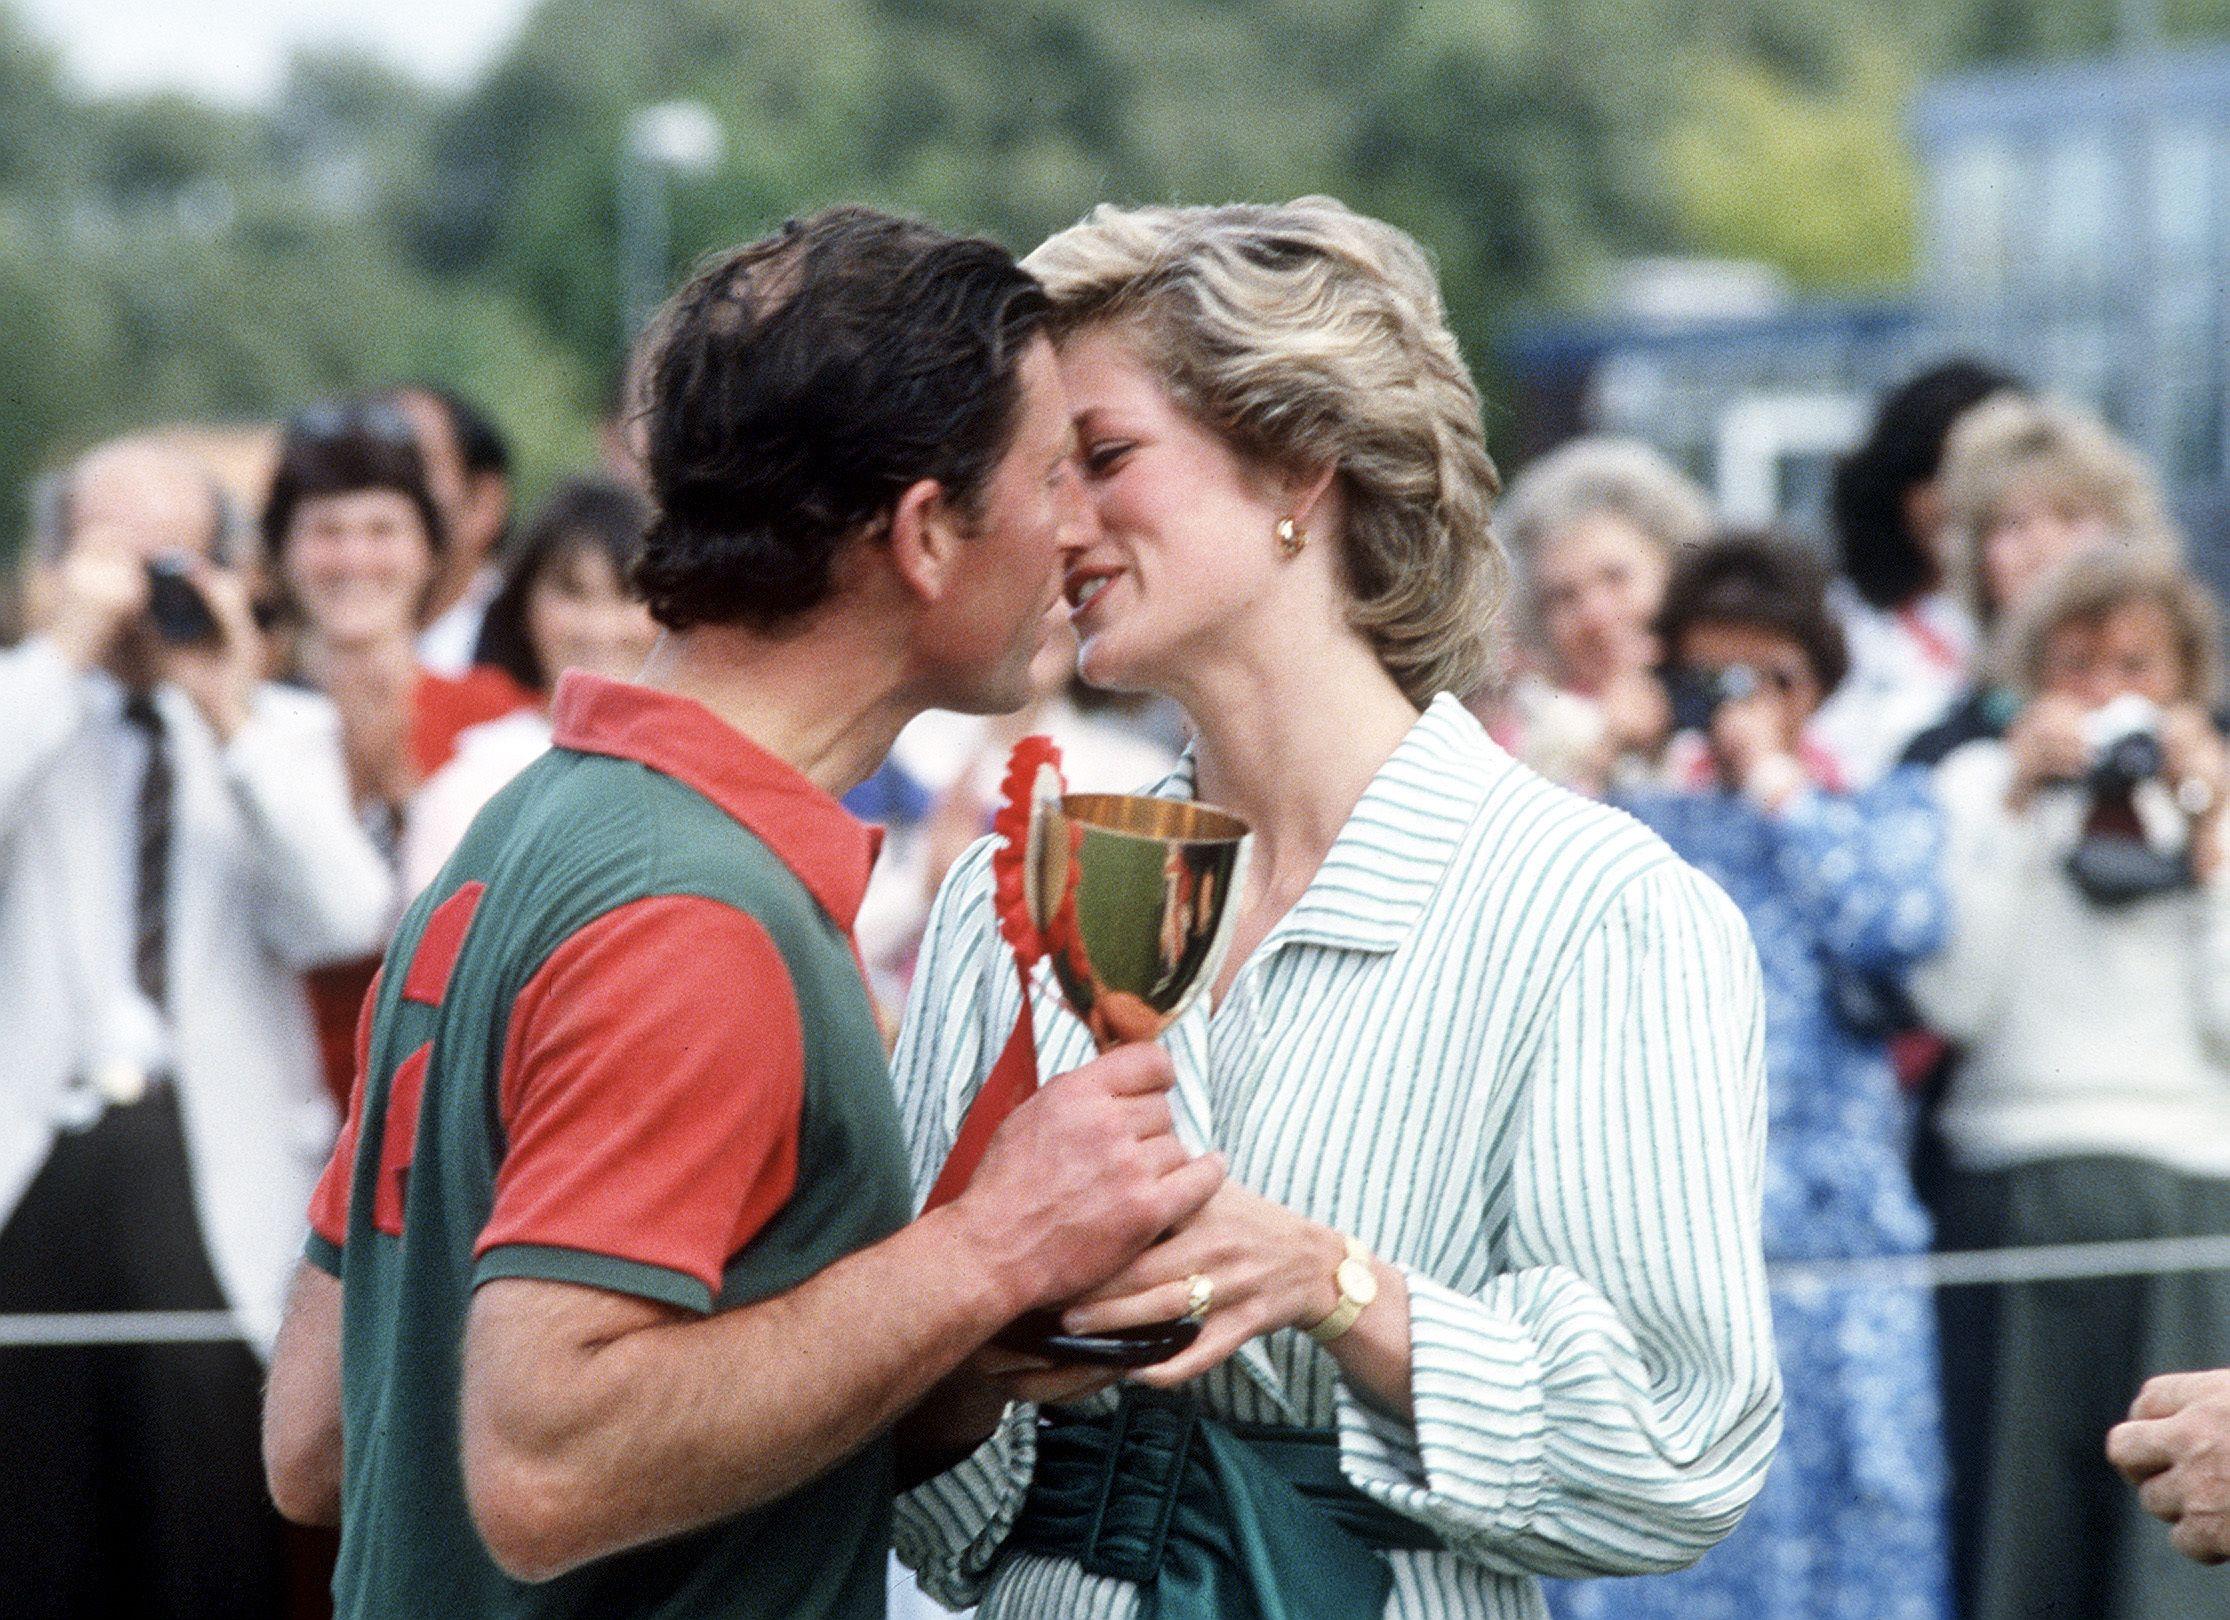 Картинки по запросу diana prince charles kiss polo